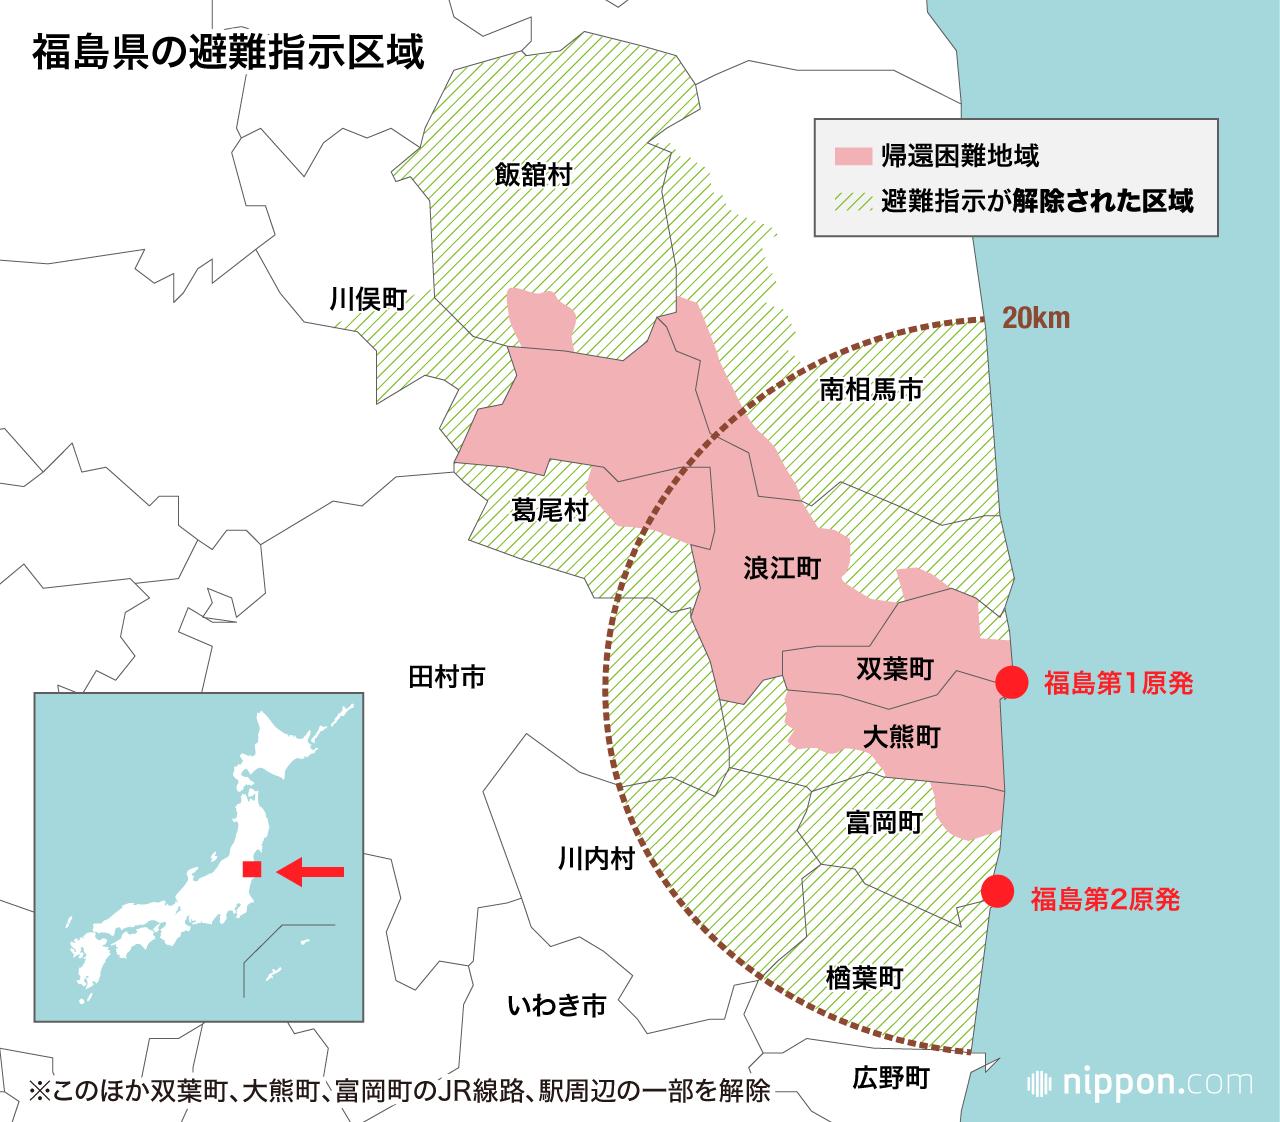 今日 福島 地震